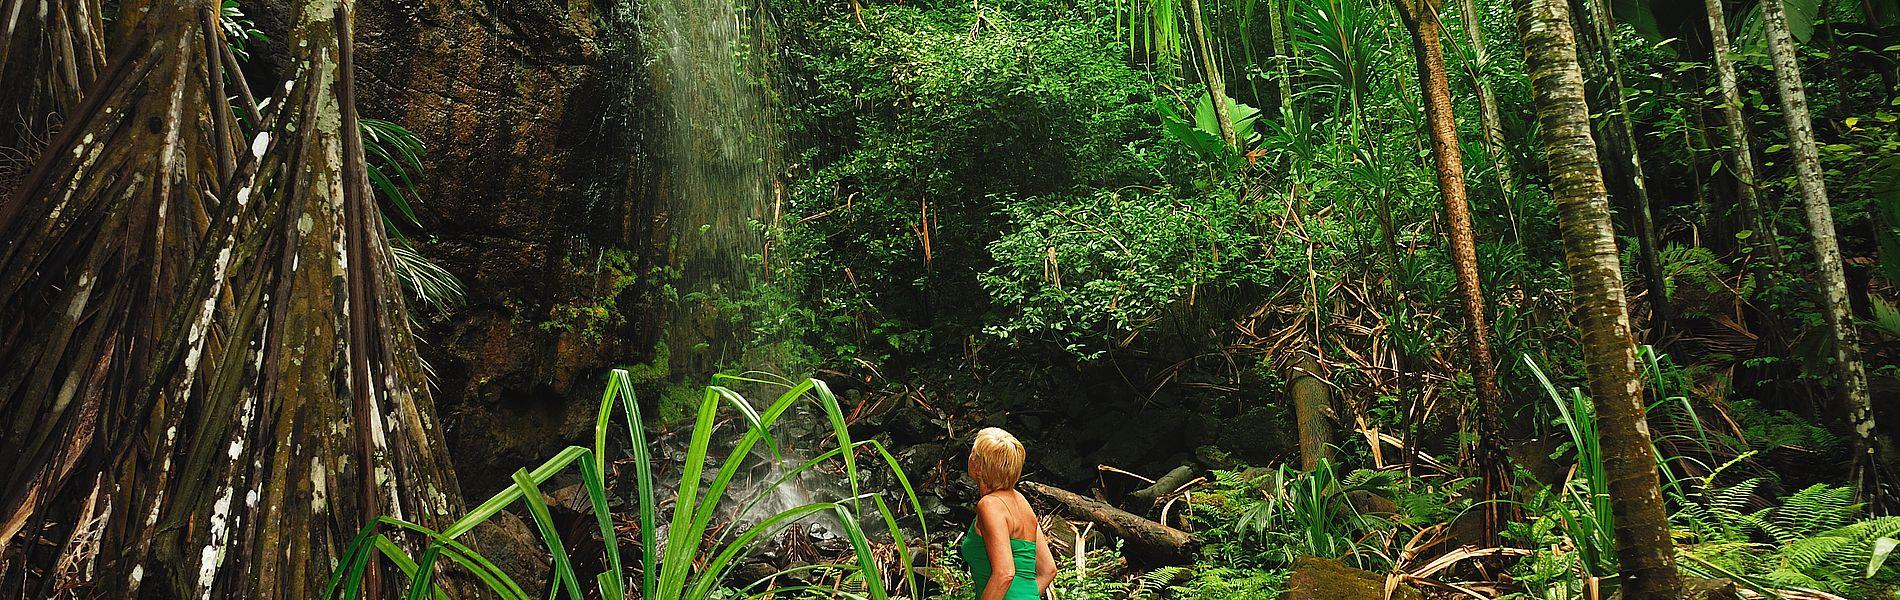 Vallee-de-Mai Wasserfall Seychellen